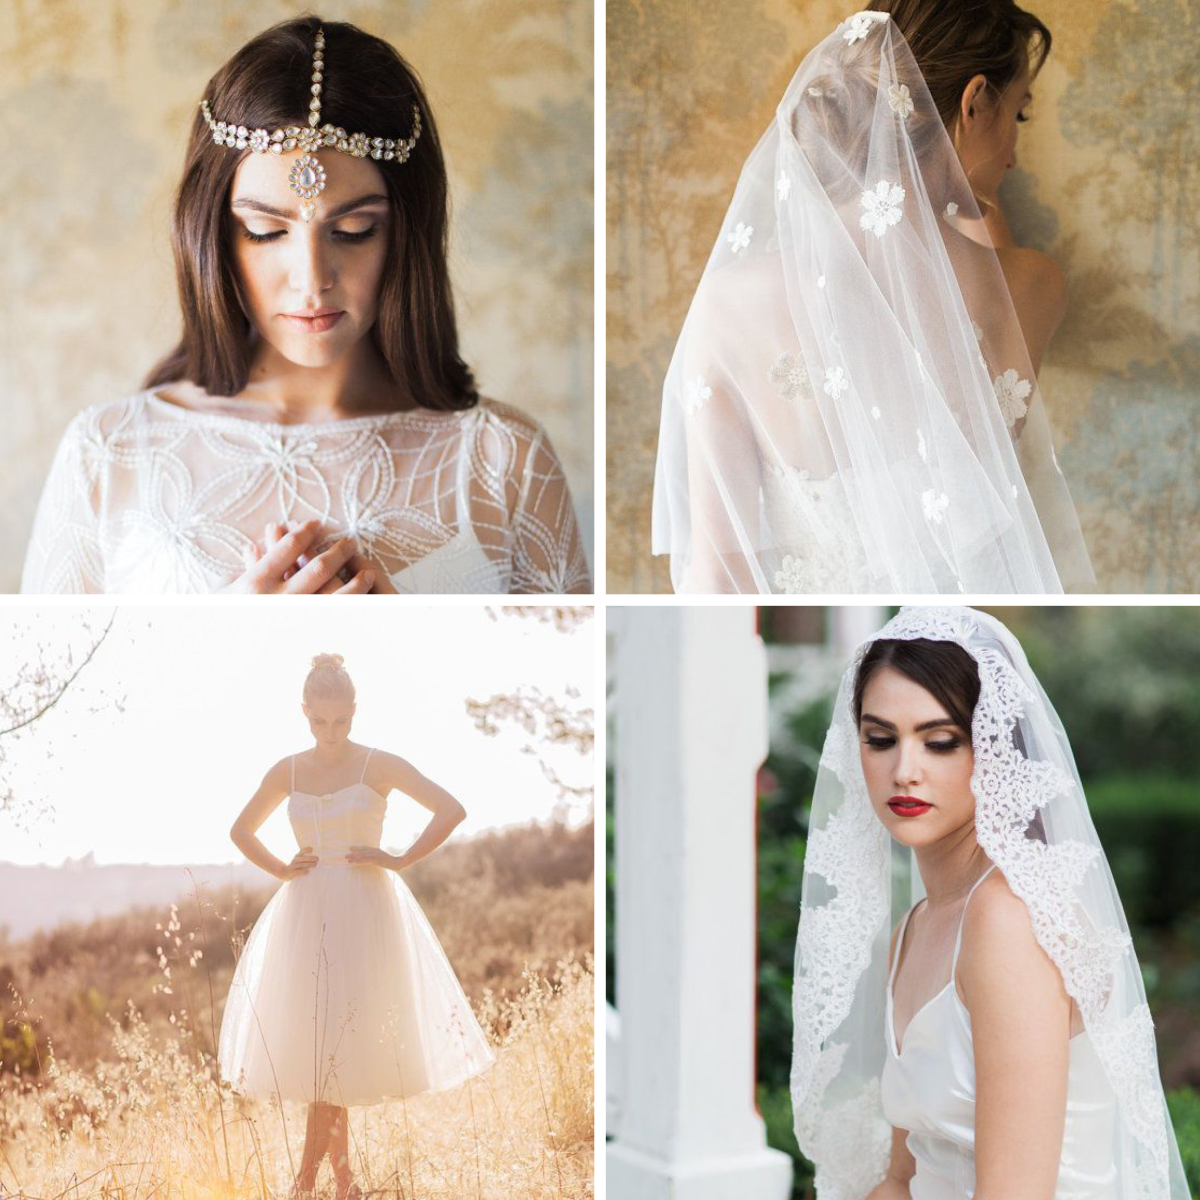 1. Gown, $600 / 2. Daisy Veil, $95 / 3. Tulle Skirt, $85 / 4. Veil, $105+